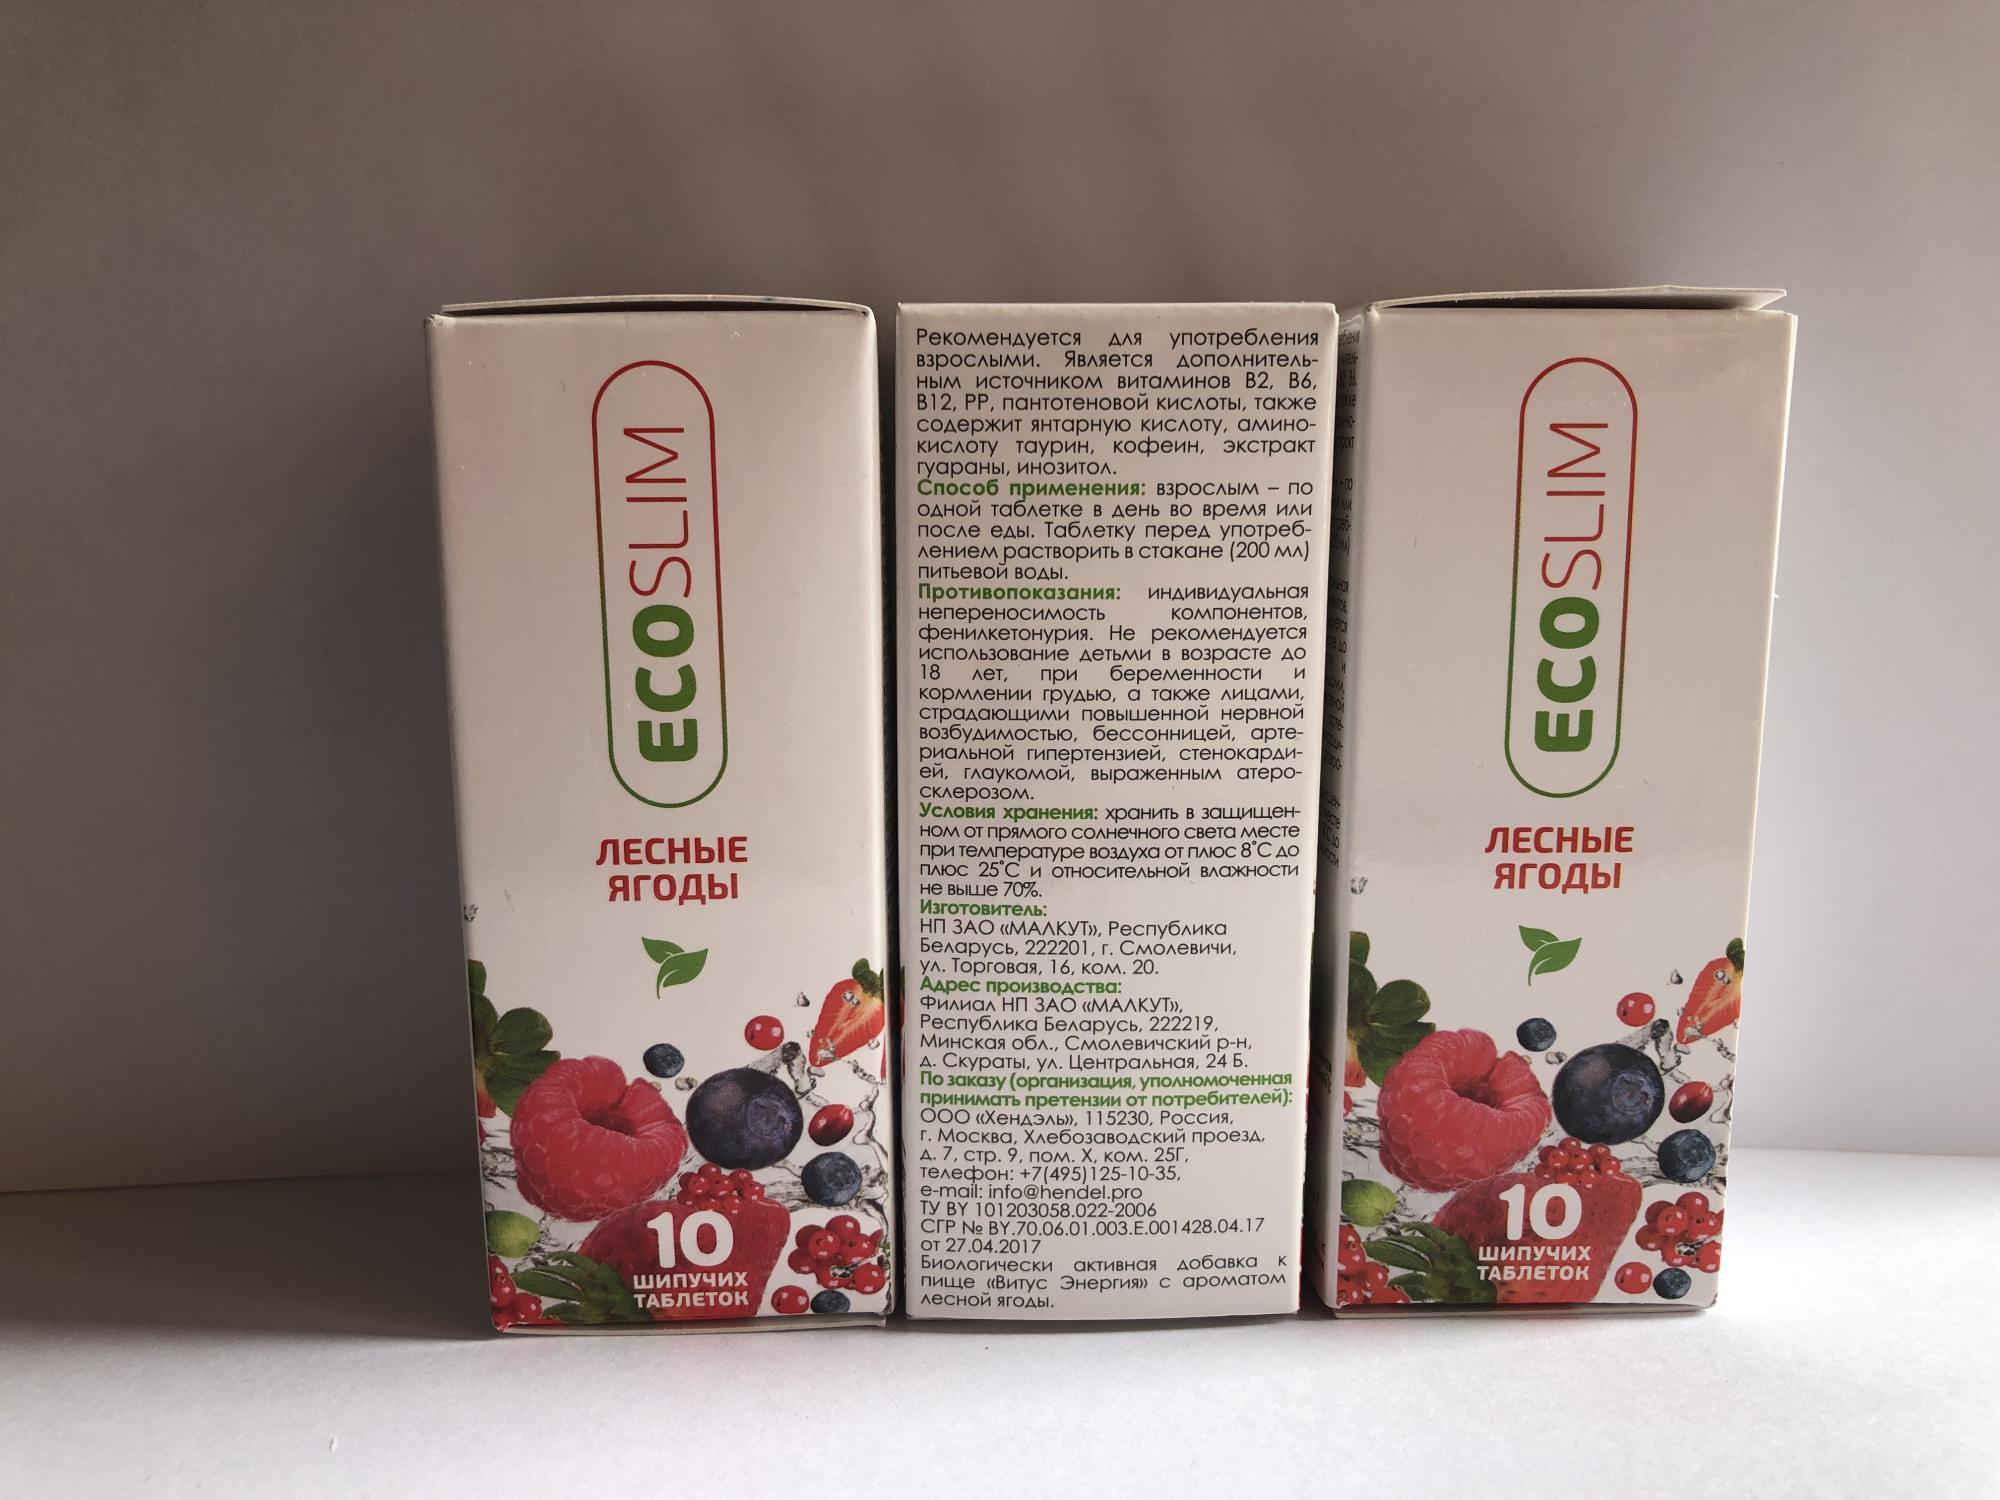 Таблетки для похудения eco slim (эко слим): отзыв врача, цена, где купить?